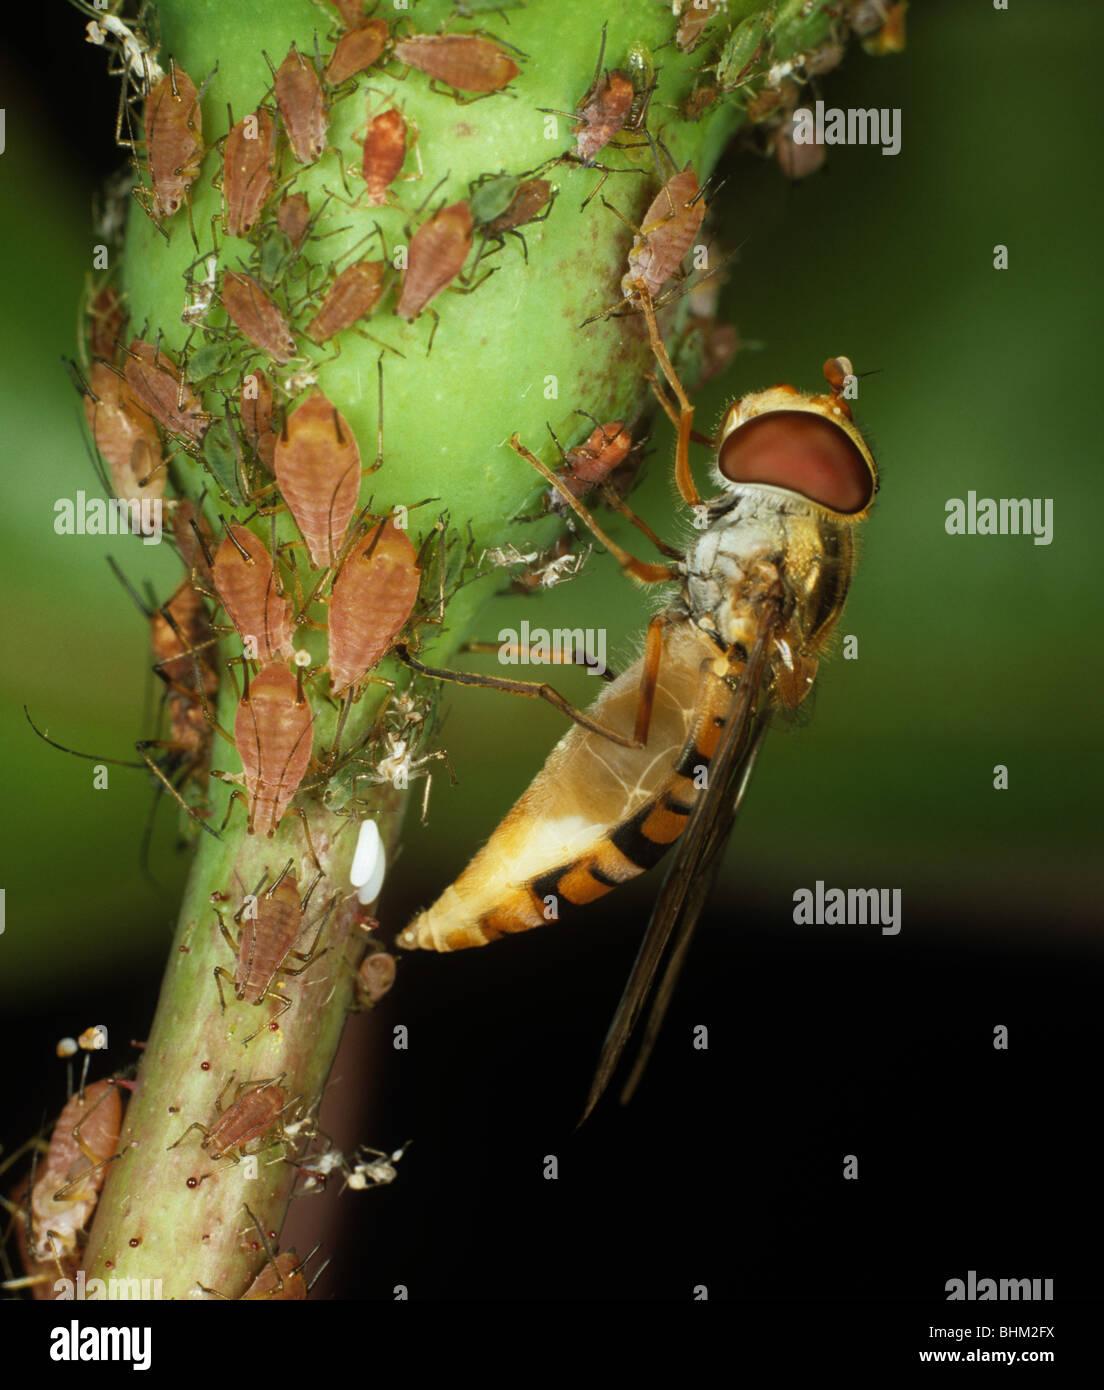 Schwebfliege (Episyrphus Balteatus) ihre Eier unter den Rosen Blattläuse Stockbild